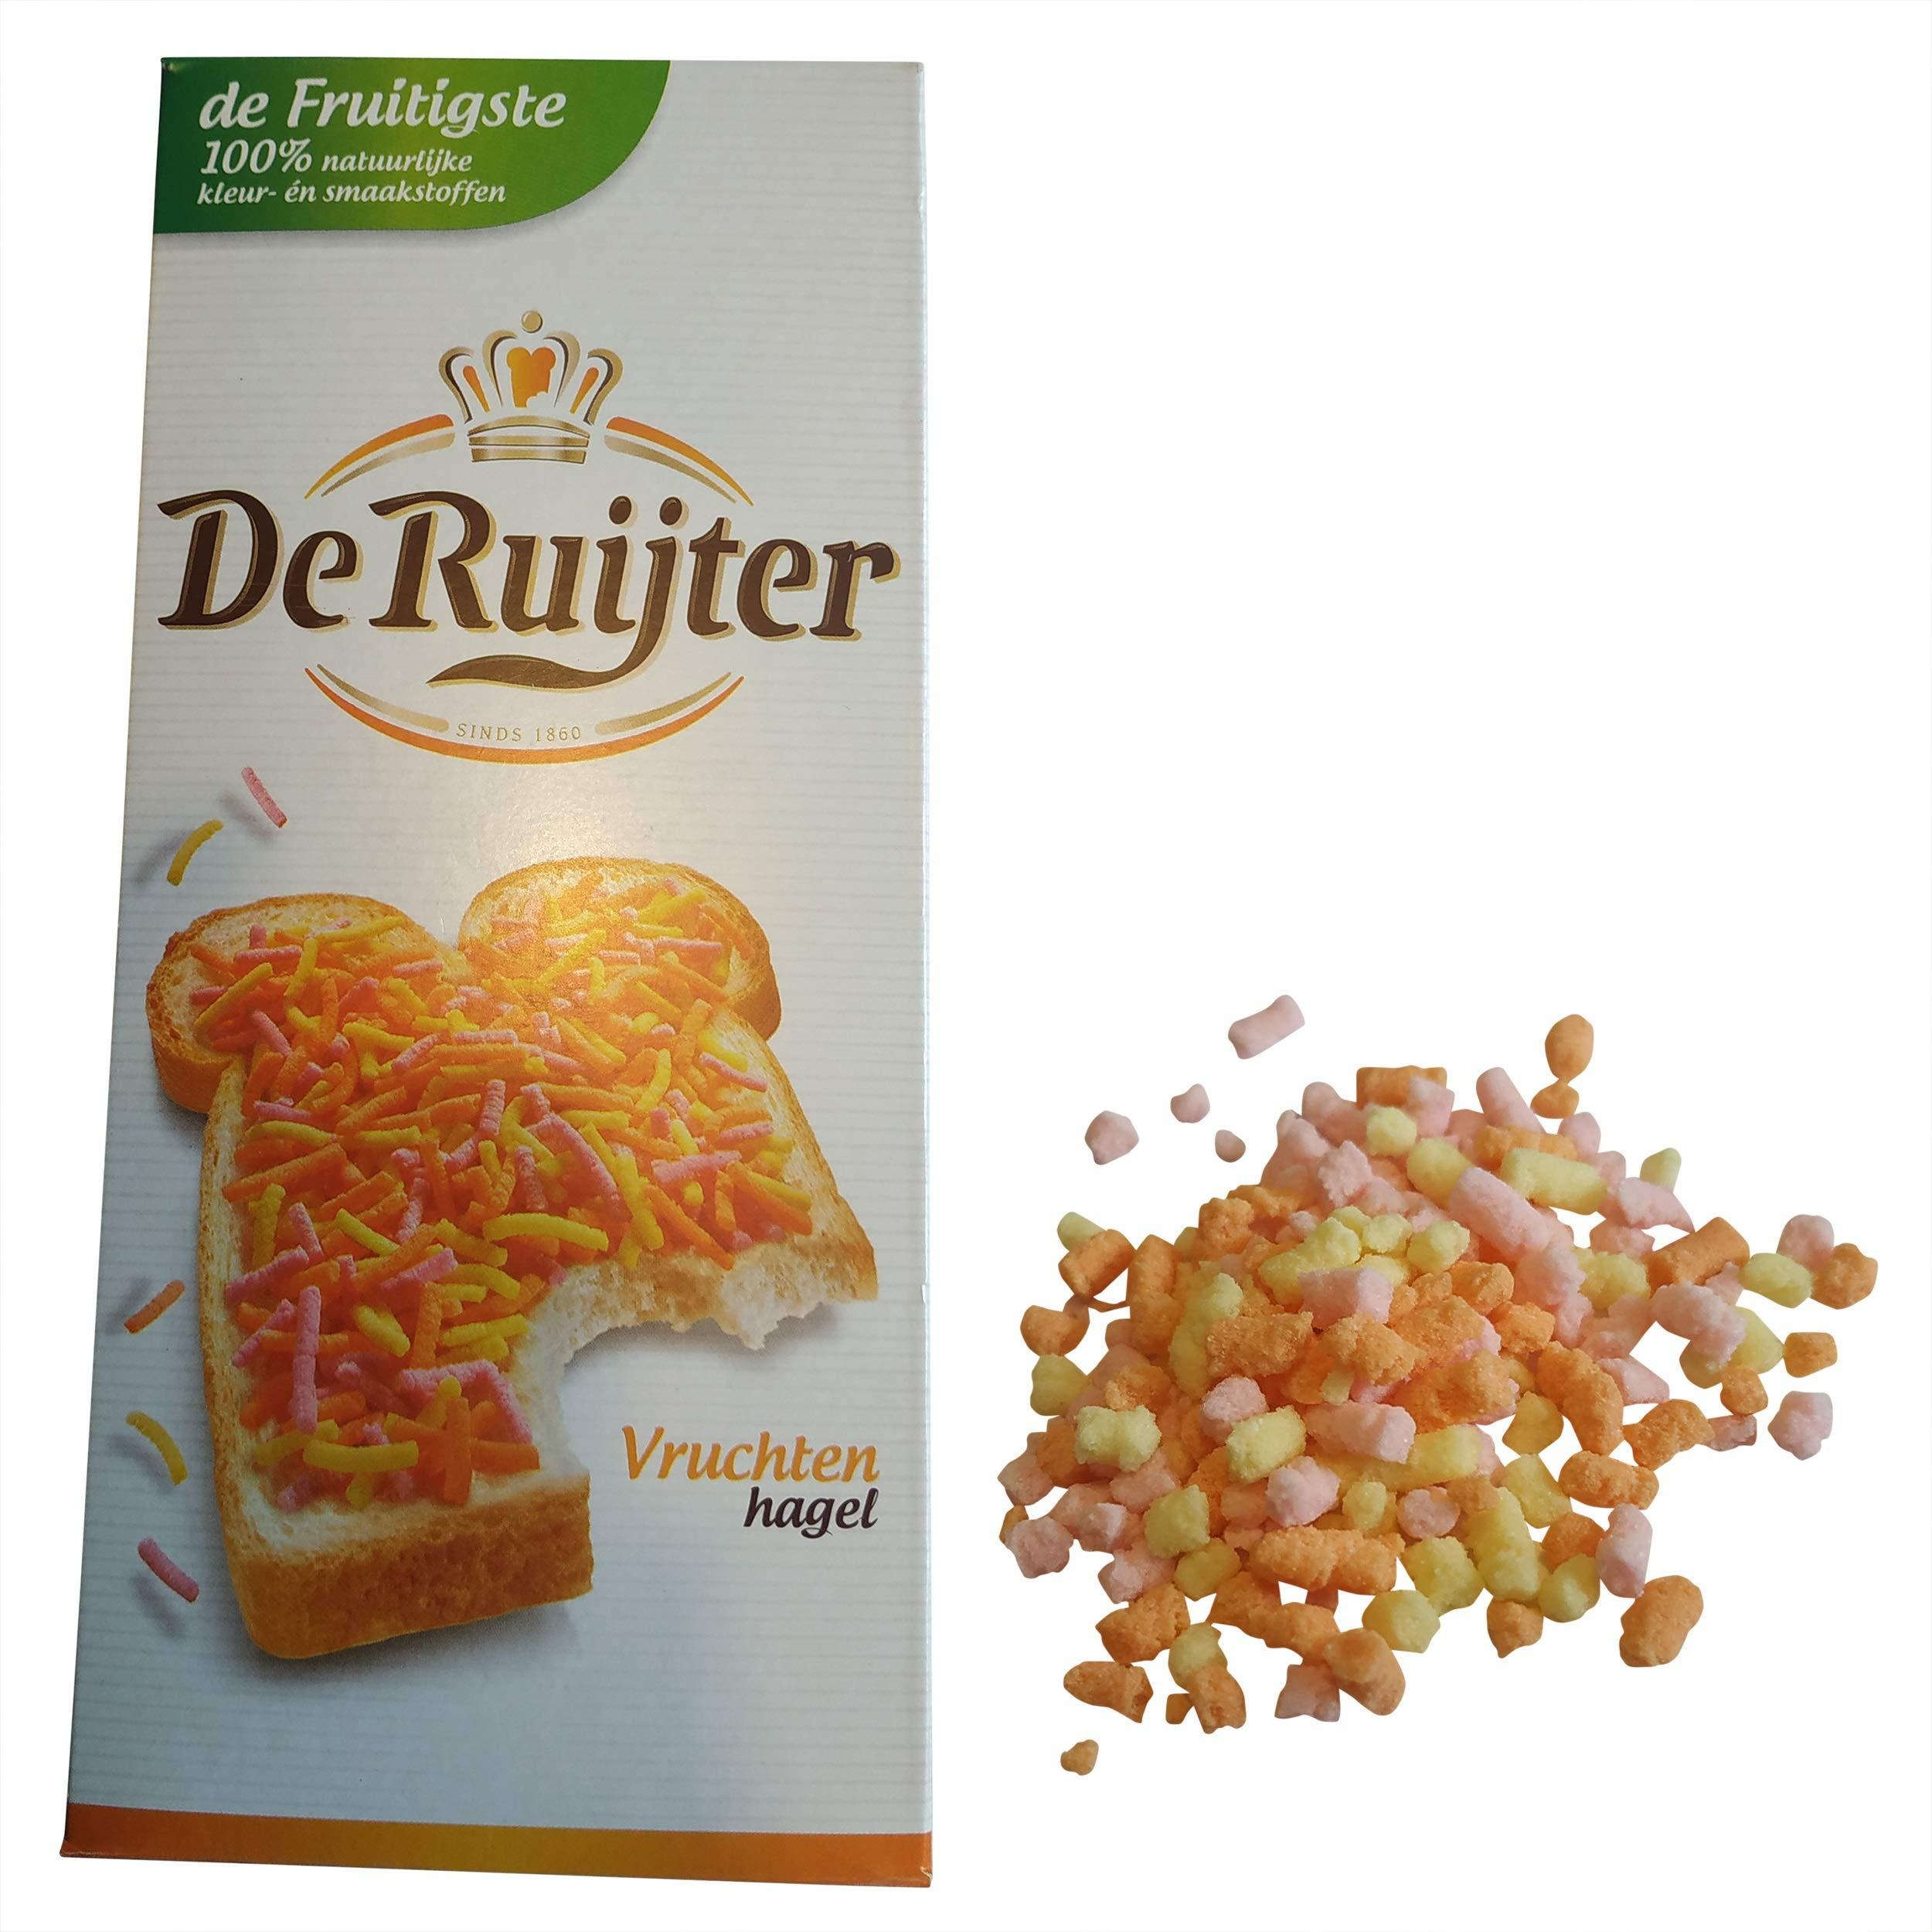 De Ruijter Fruit Sprinkles / Vruchtenhagel Fruit, 400g